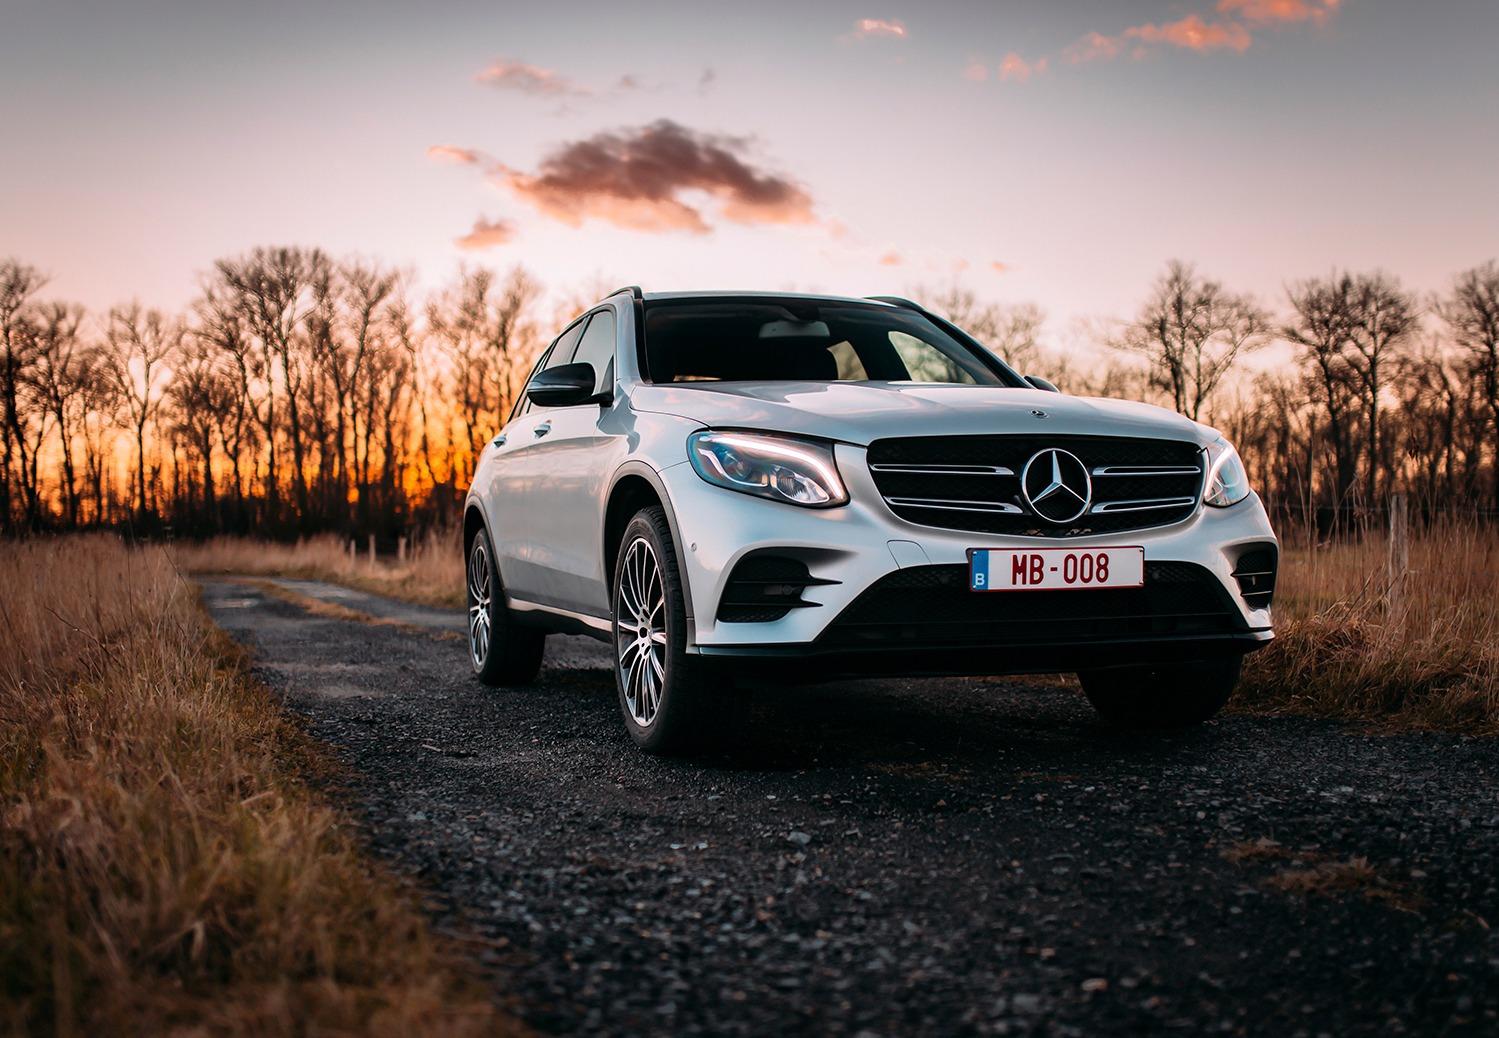 Rijtest: Mercedes-Benz GLC 250d